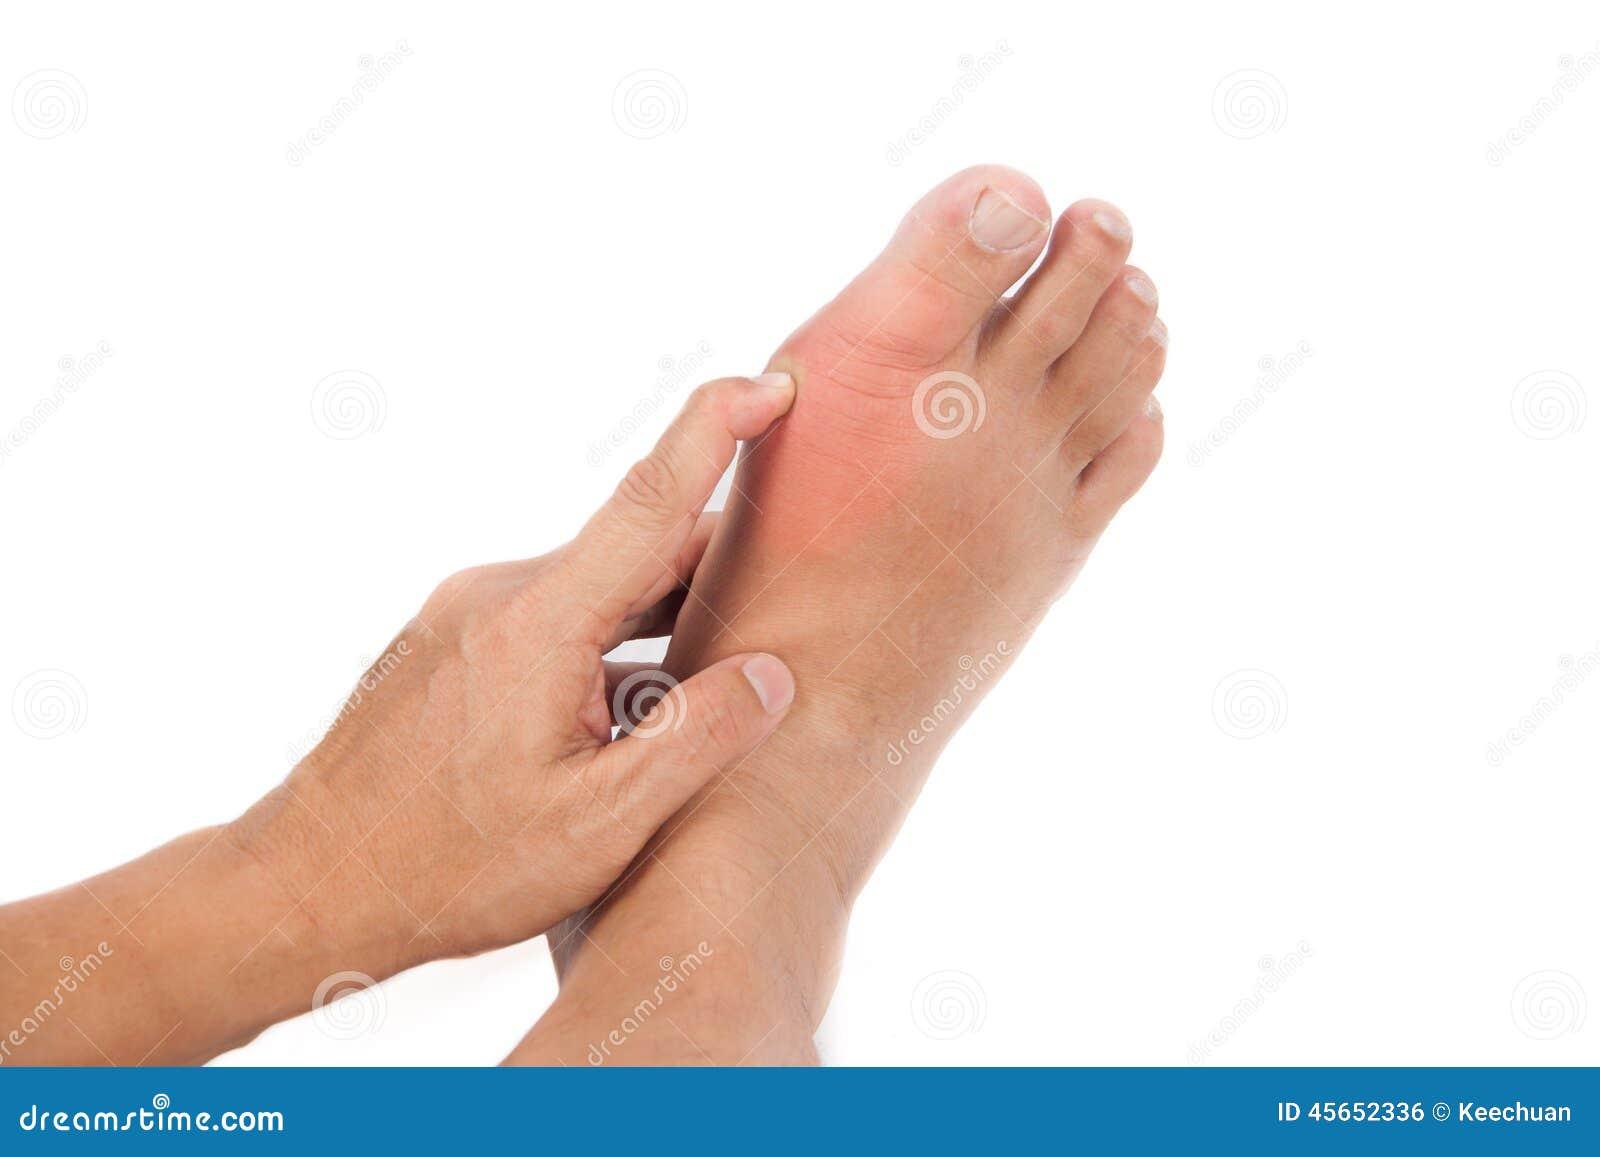 Prurito ai piedi? Scopri le possibili cause e cosa fare per trovare sollievo